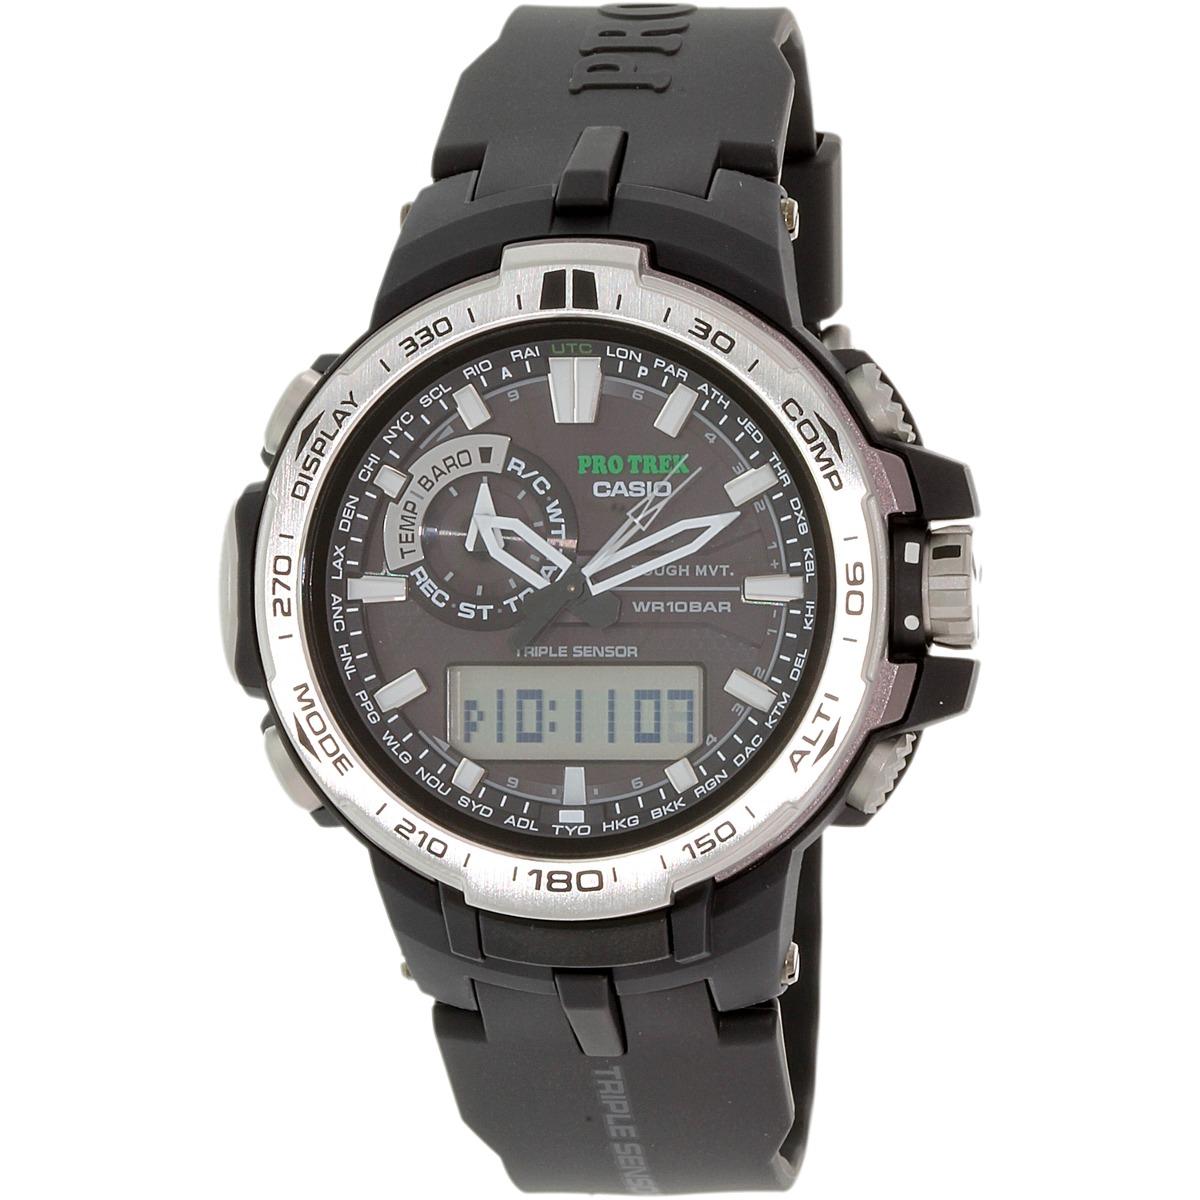 09a130fb64f2 reloj resina de de cuarzo pro trek prw6000-1 negro casio h. Cargando zoom.